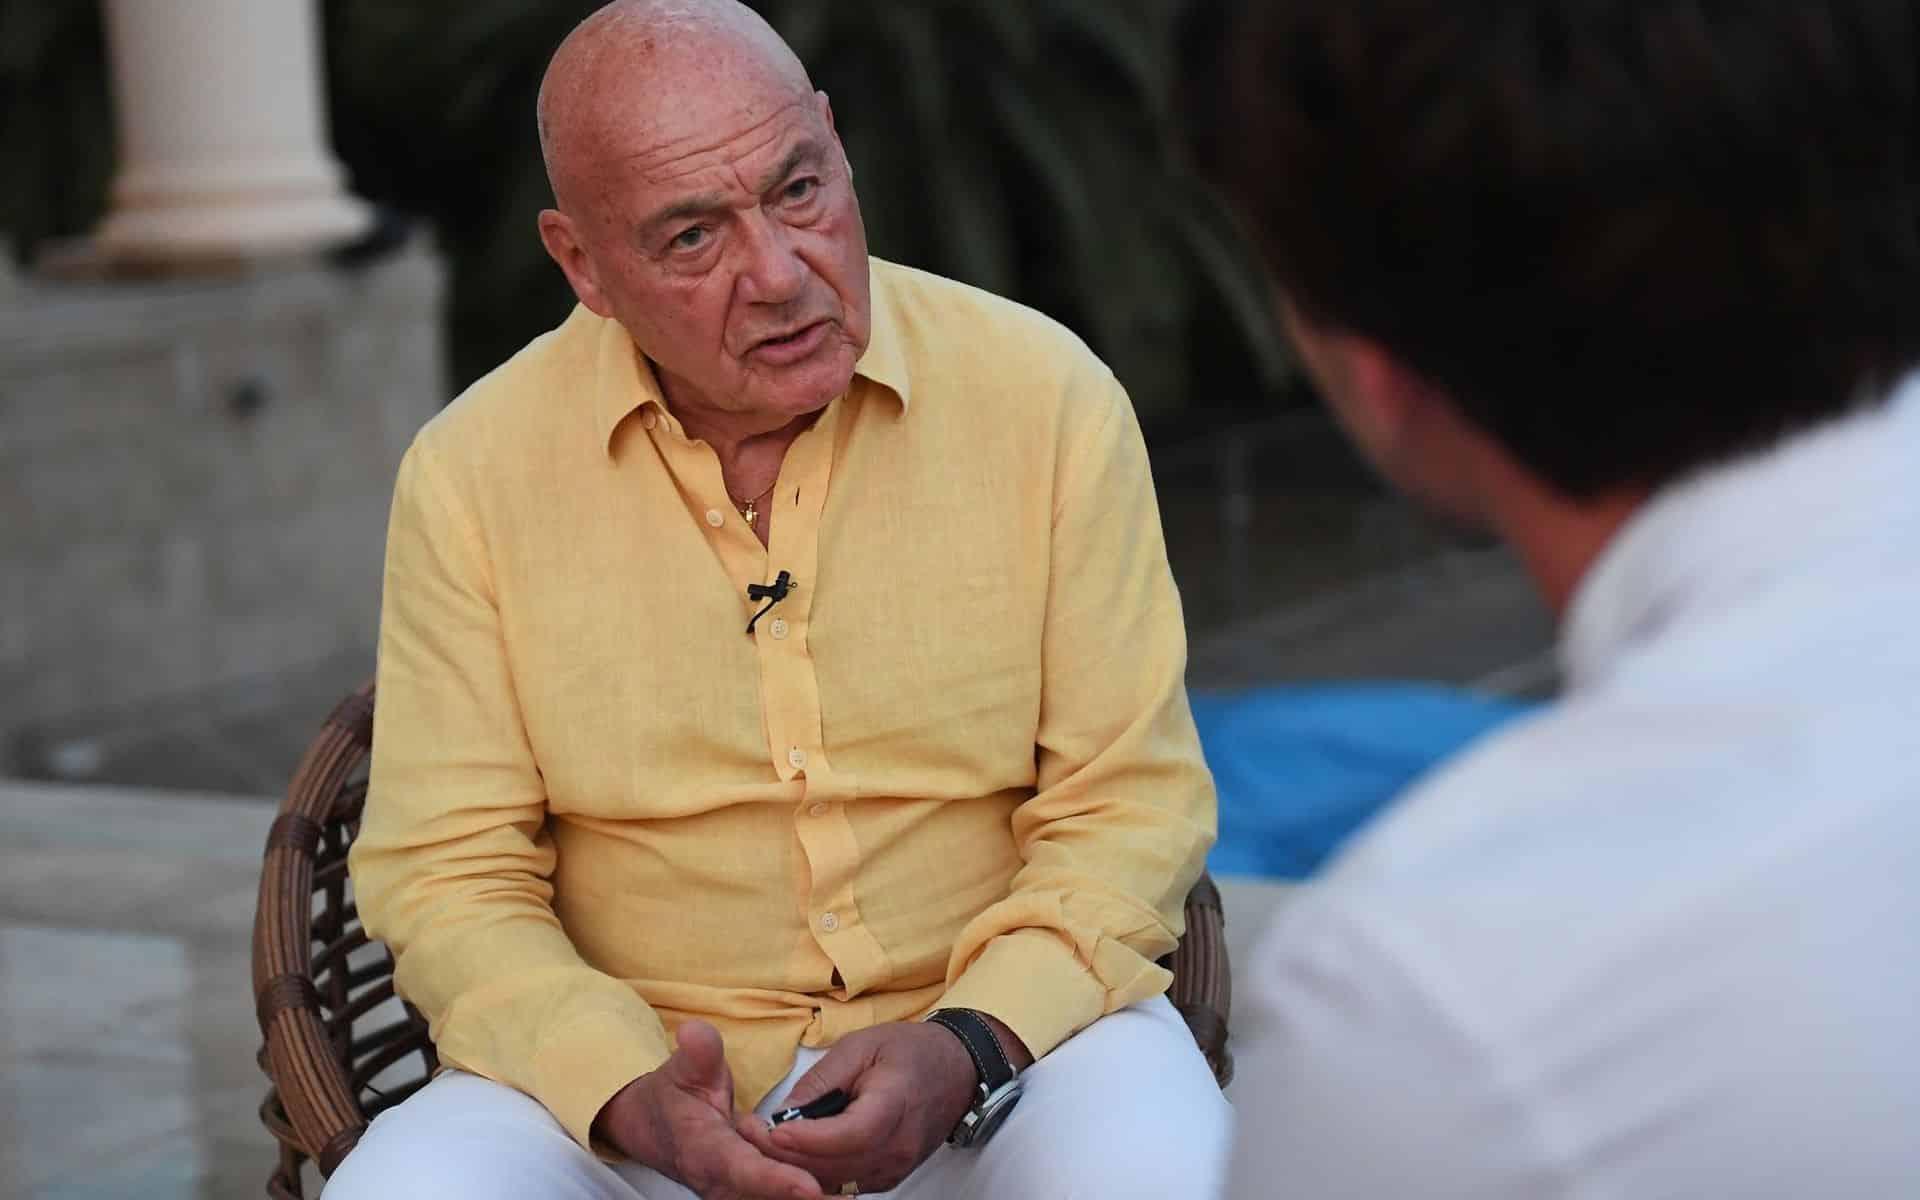 Георгий Габуния, журналист оскорбивший Путина: кто это, биография